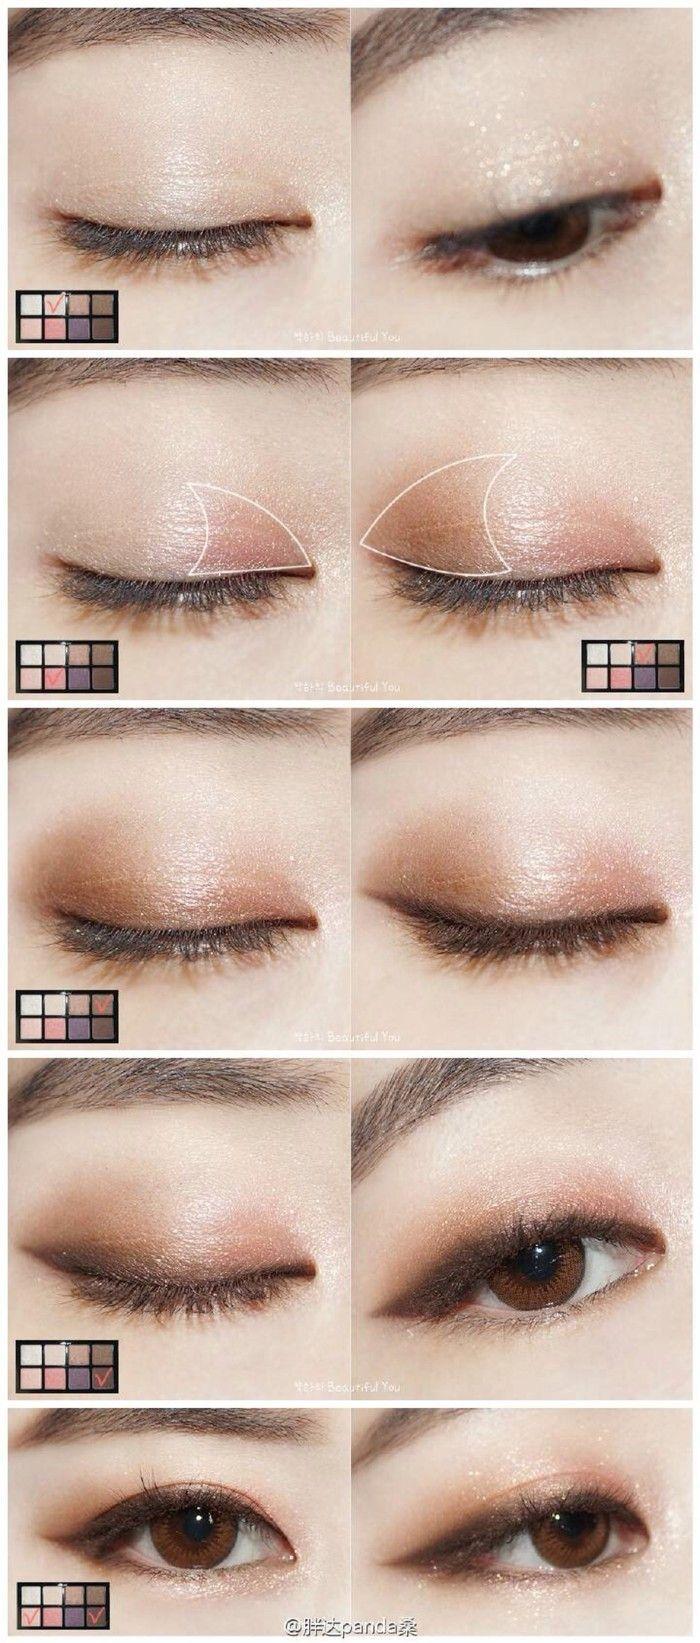 Korean Eye Makeup Tutorial Natural Look Jidimakeup